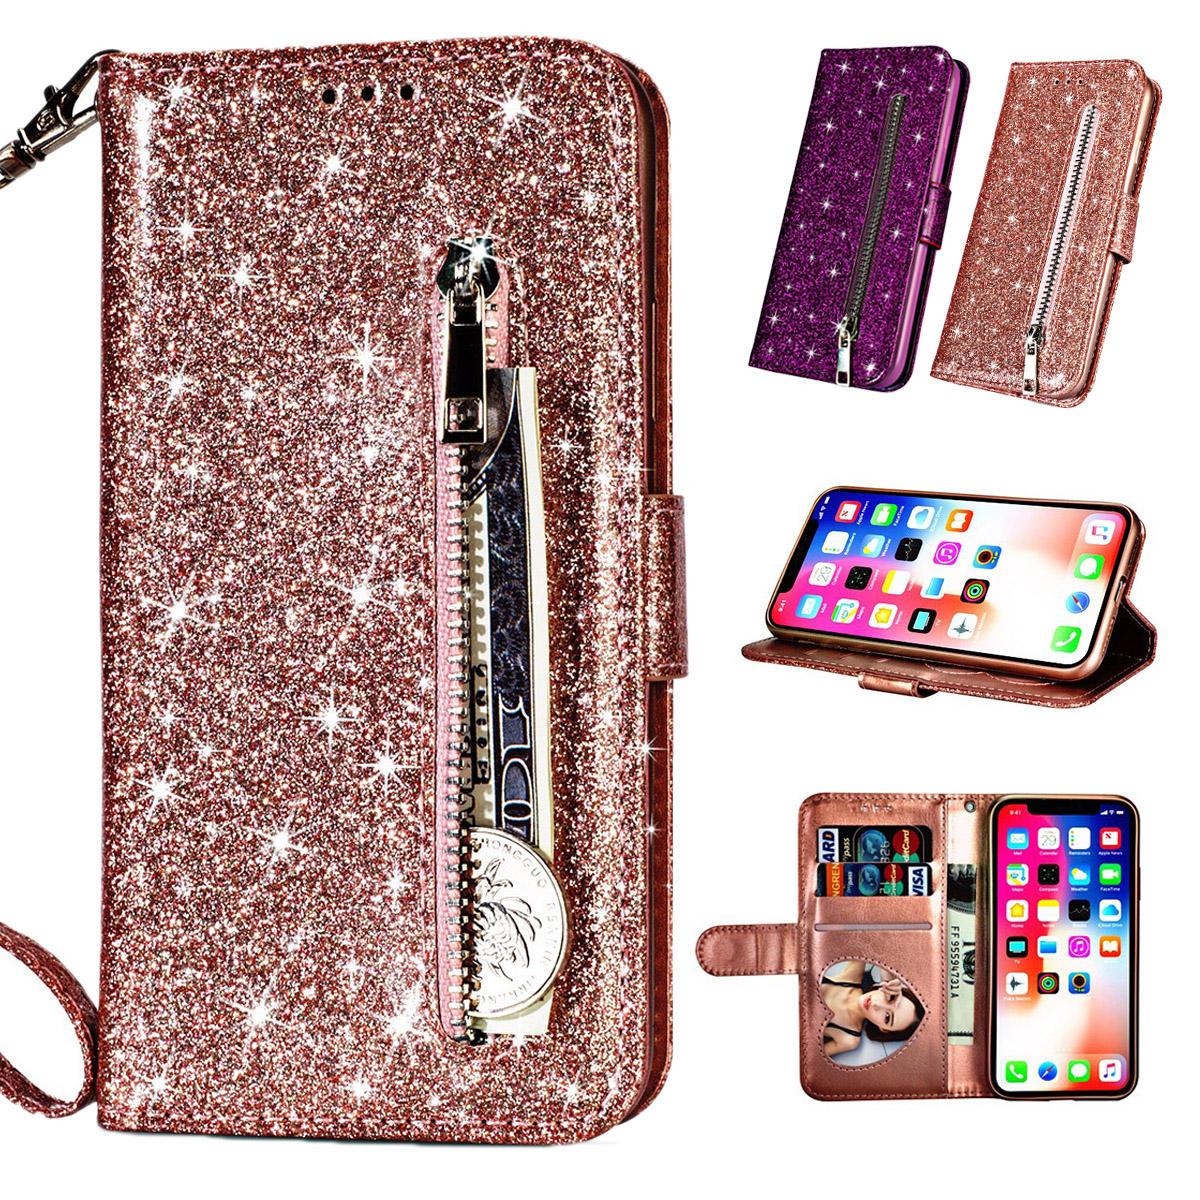 Bling Glitter Luxus Flip PU Leder Zipper Wallet Handytasche mit Multi Card Slots Stand Schutzhülle für iPhone 11 / iP XR / iP 7 / iP 8